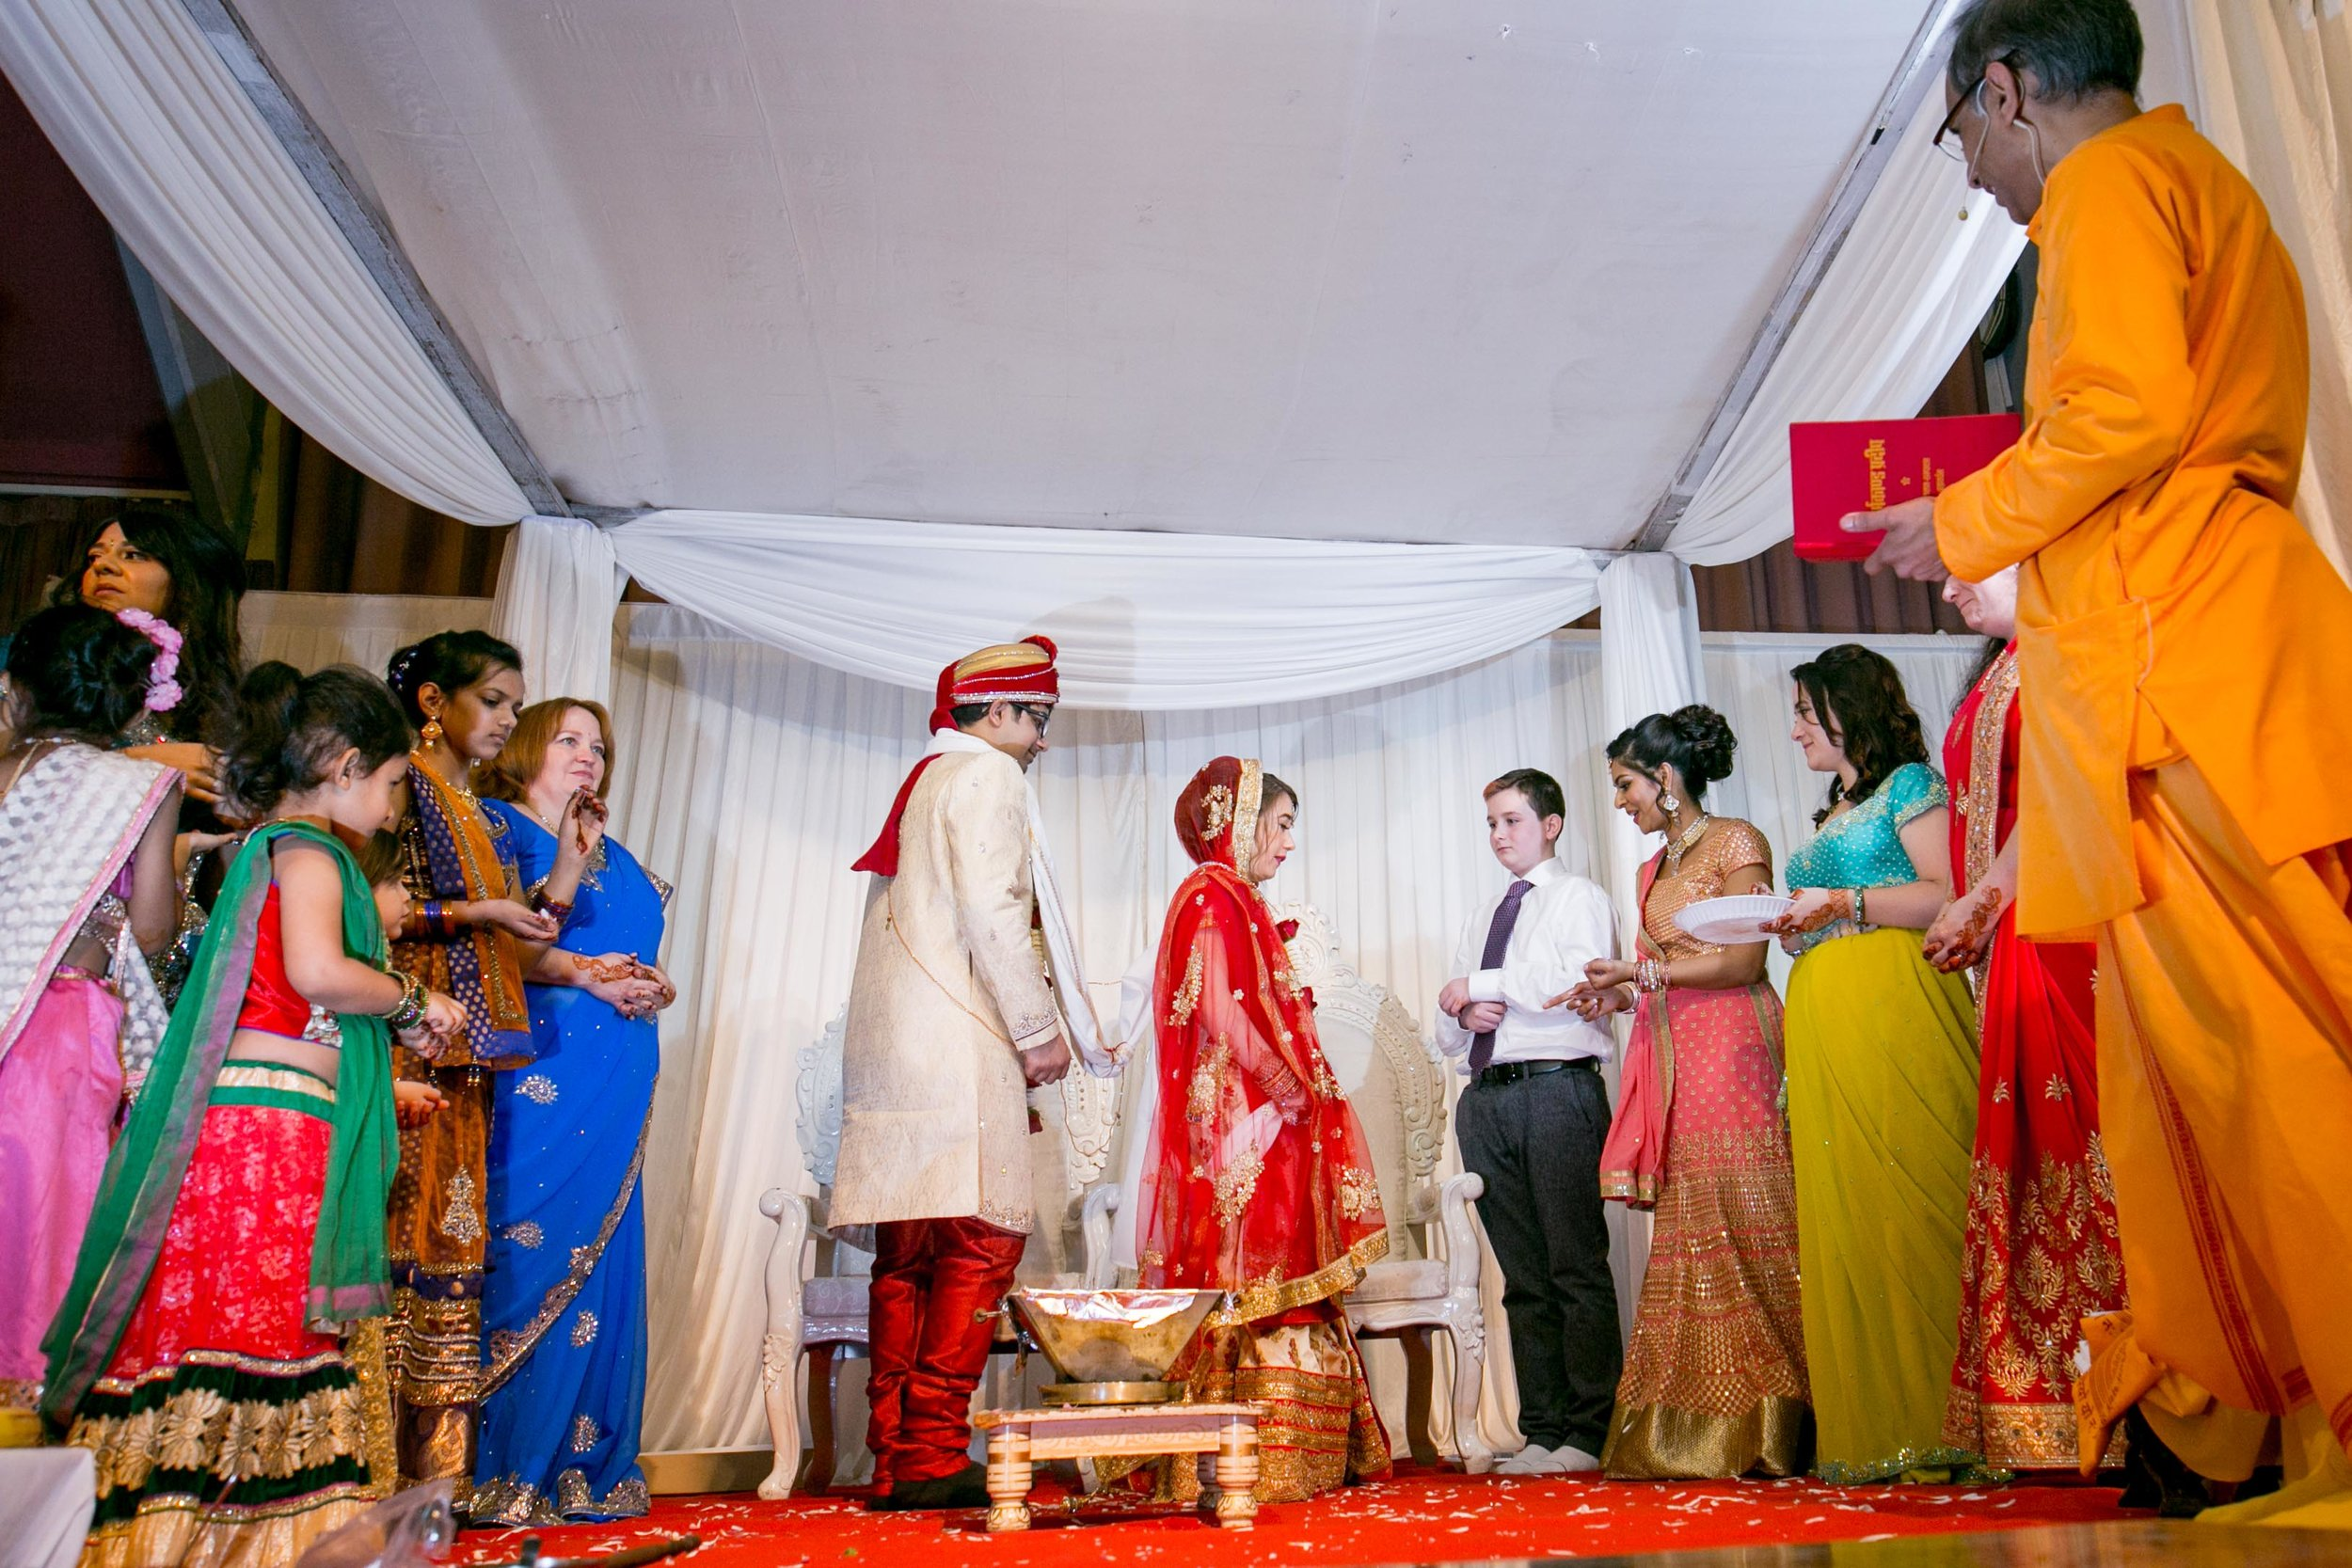 asian-Hindu-wedding-photographer-birmingham-abbey-park-leicester-natalia-smith-photography-37.jpg